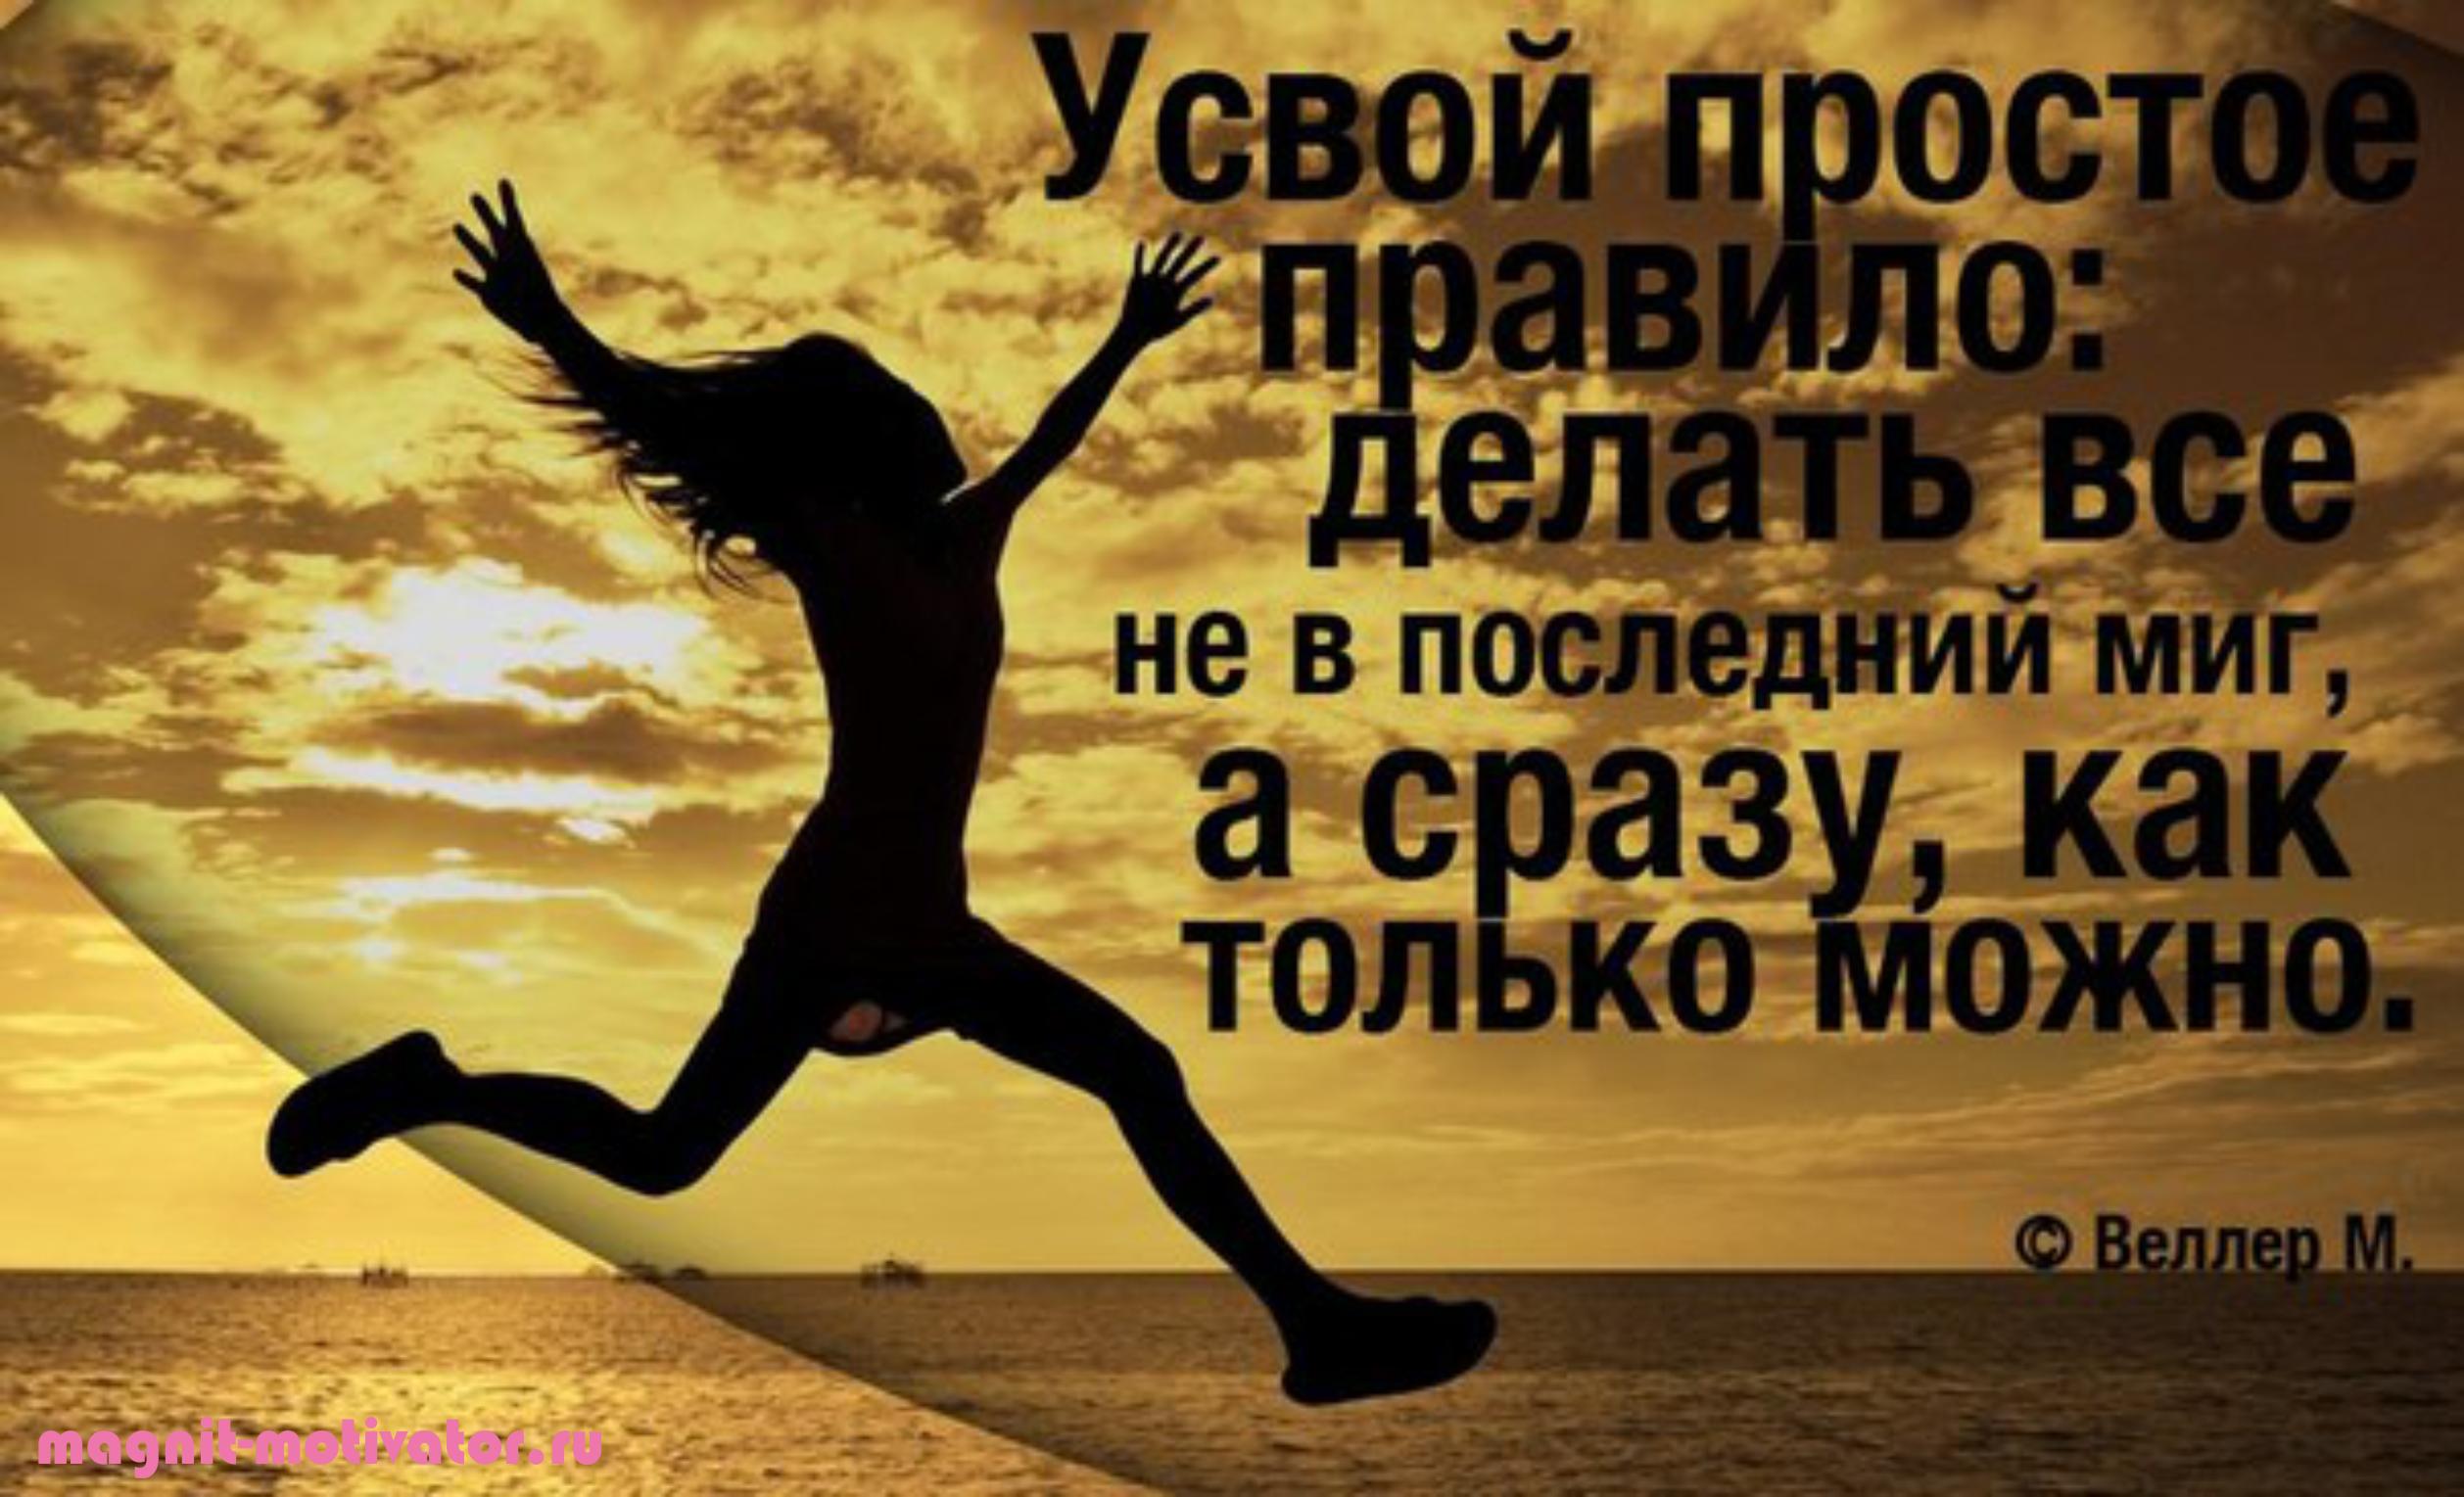 мотиваторы на успех картинки со словом успех который придает